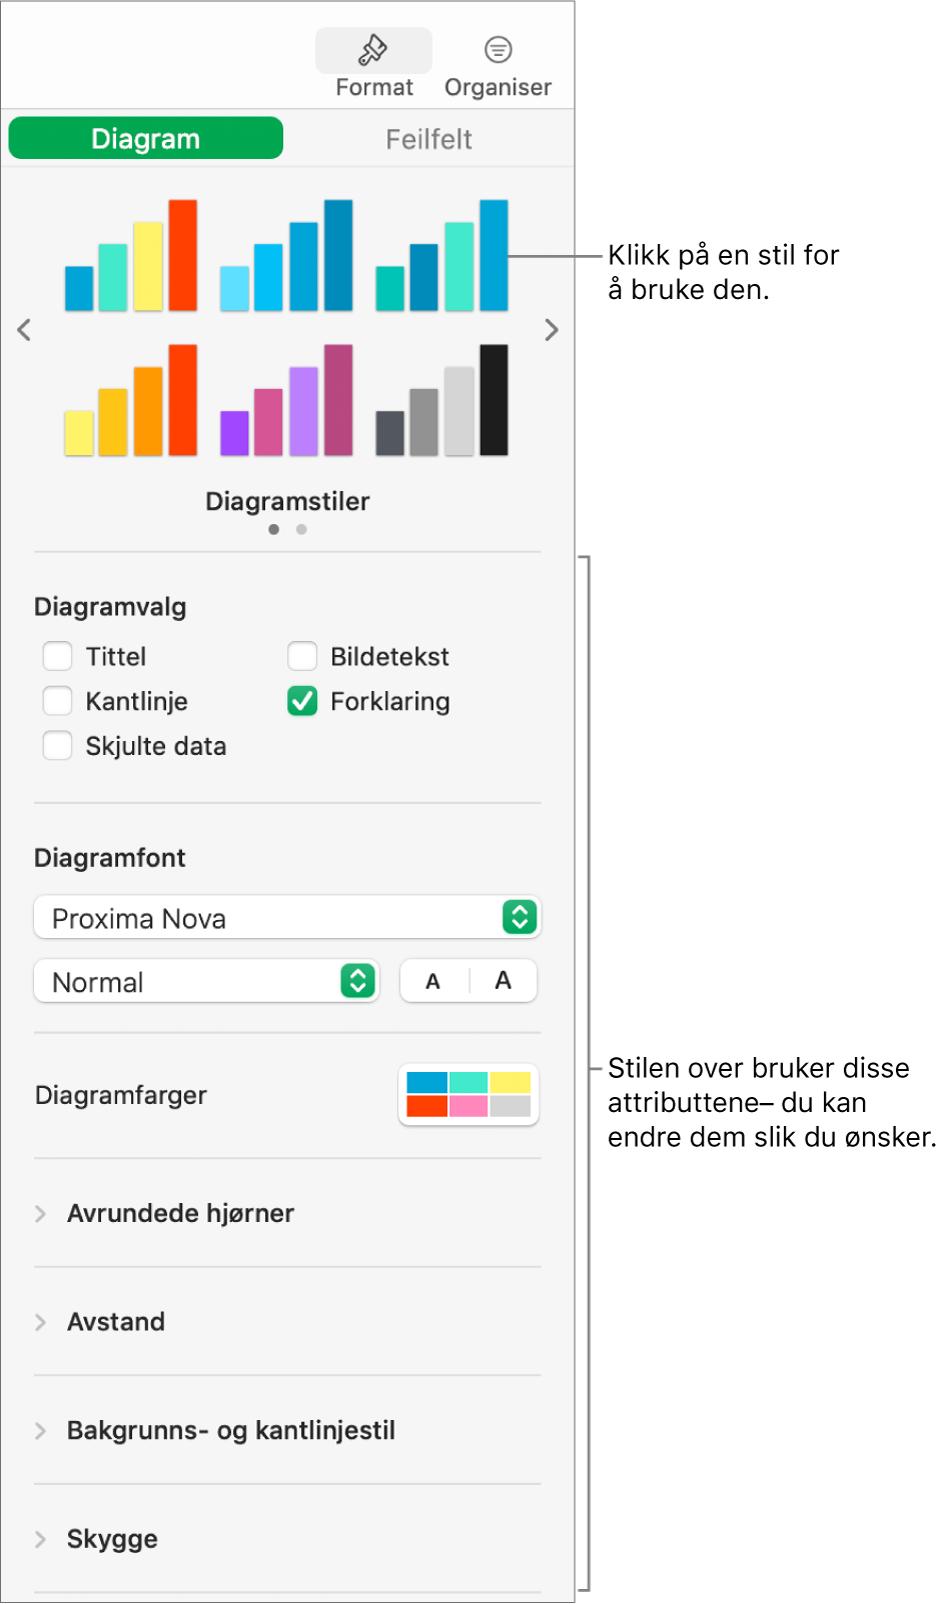 Formatering-sidepanelet, som viser kontrollene for å formatere diagrammer.